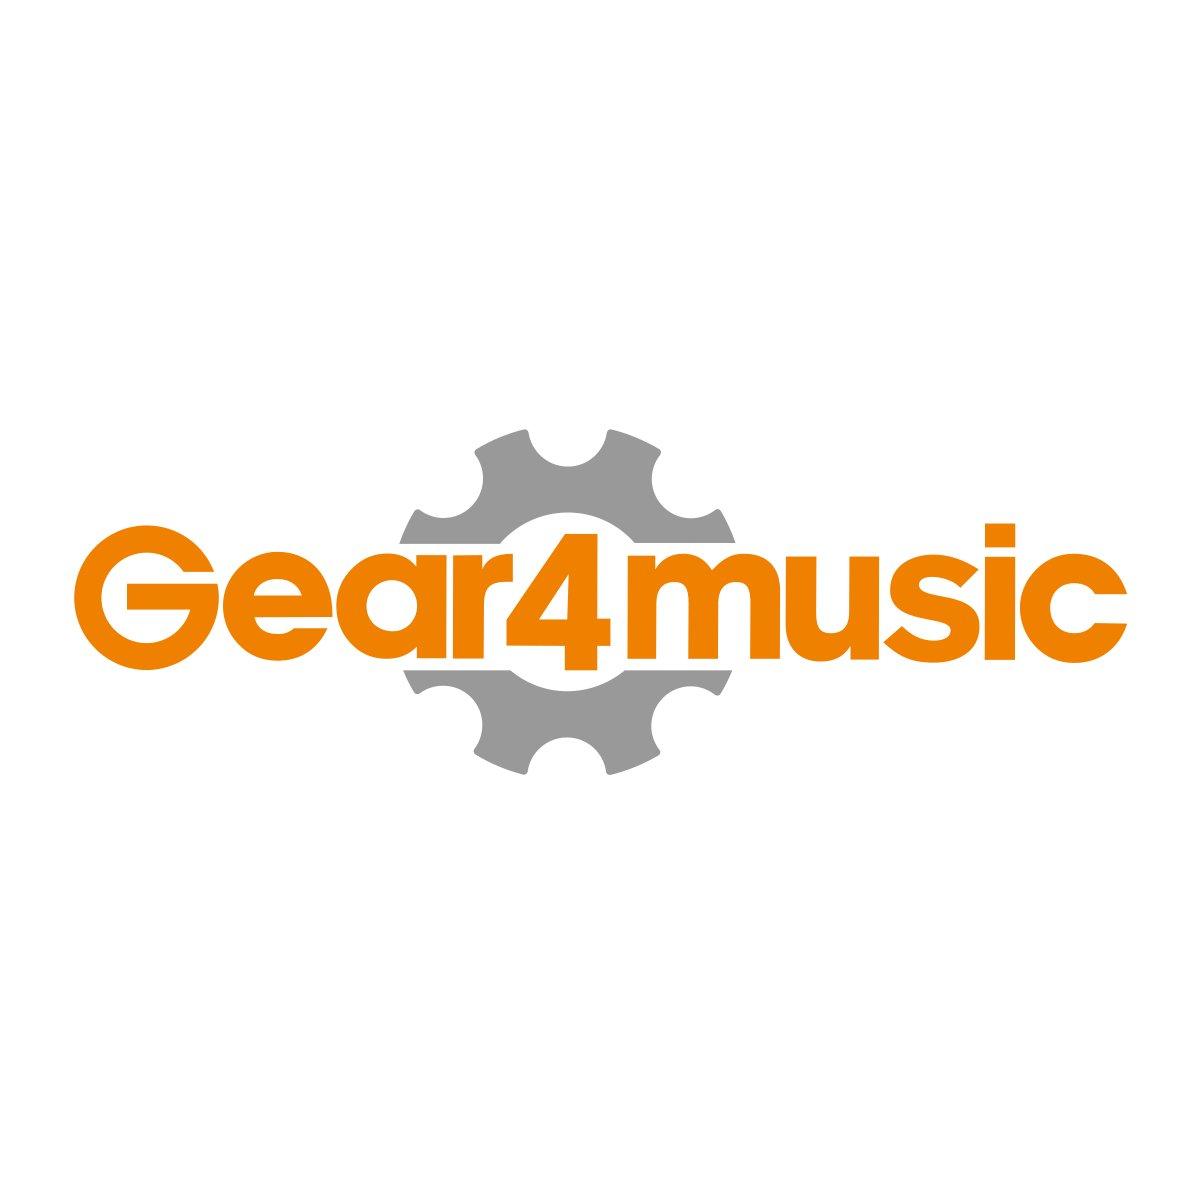 Elektrická baskytara ABS případ, obdélníková o Gear4music